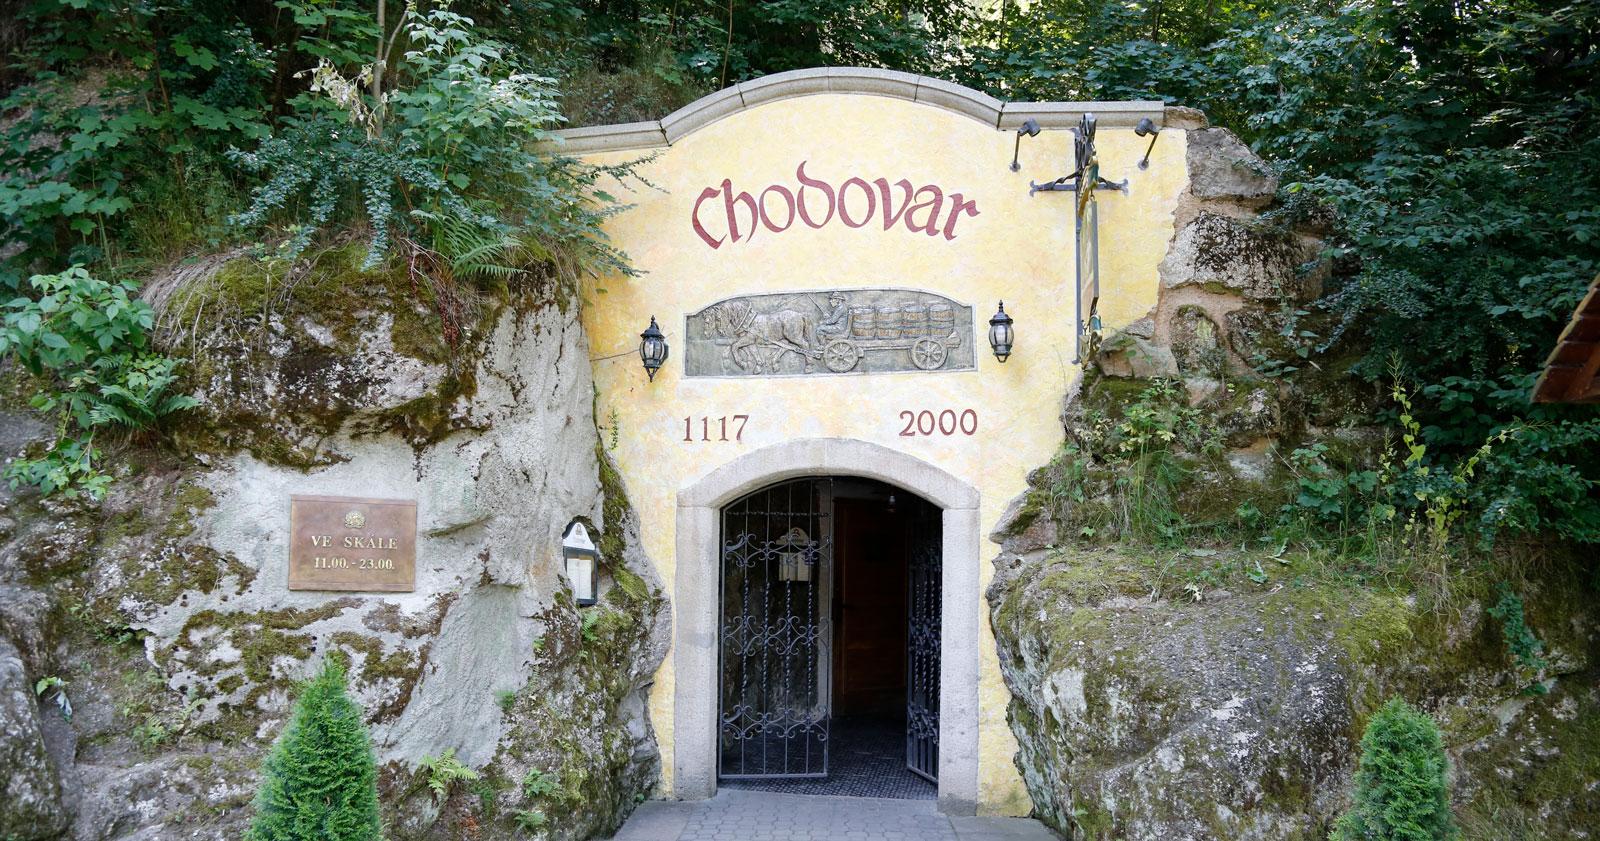 Chodovar är ett känt lokalt öl som länge bryggdes i det svala berget.